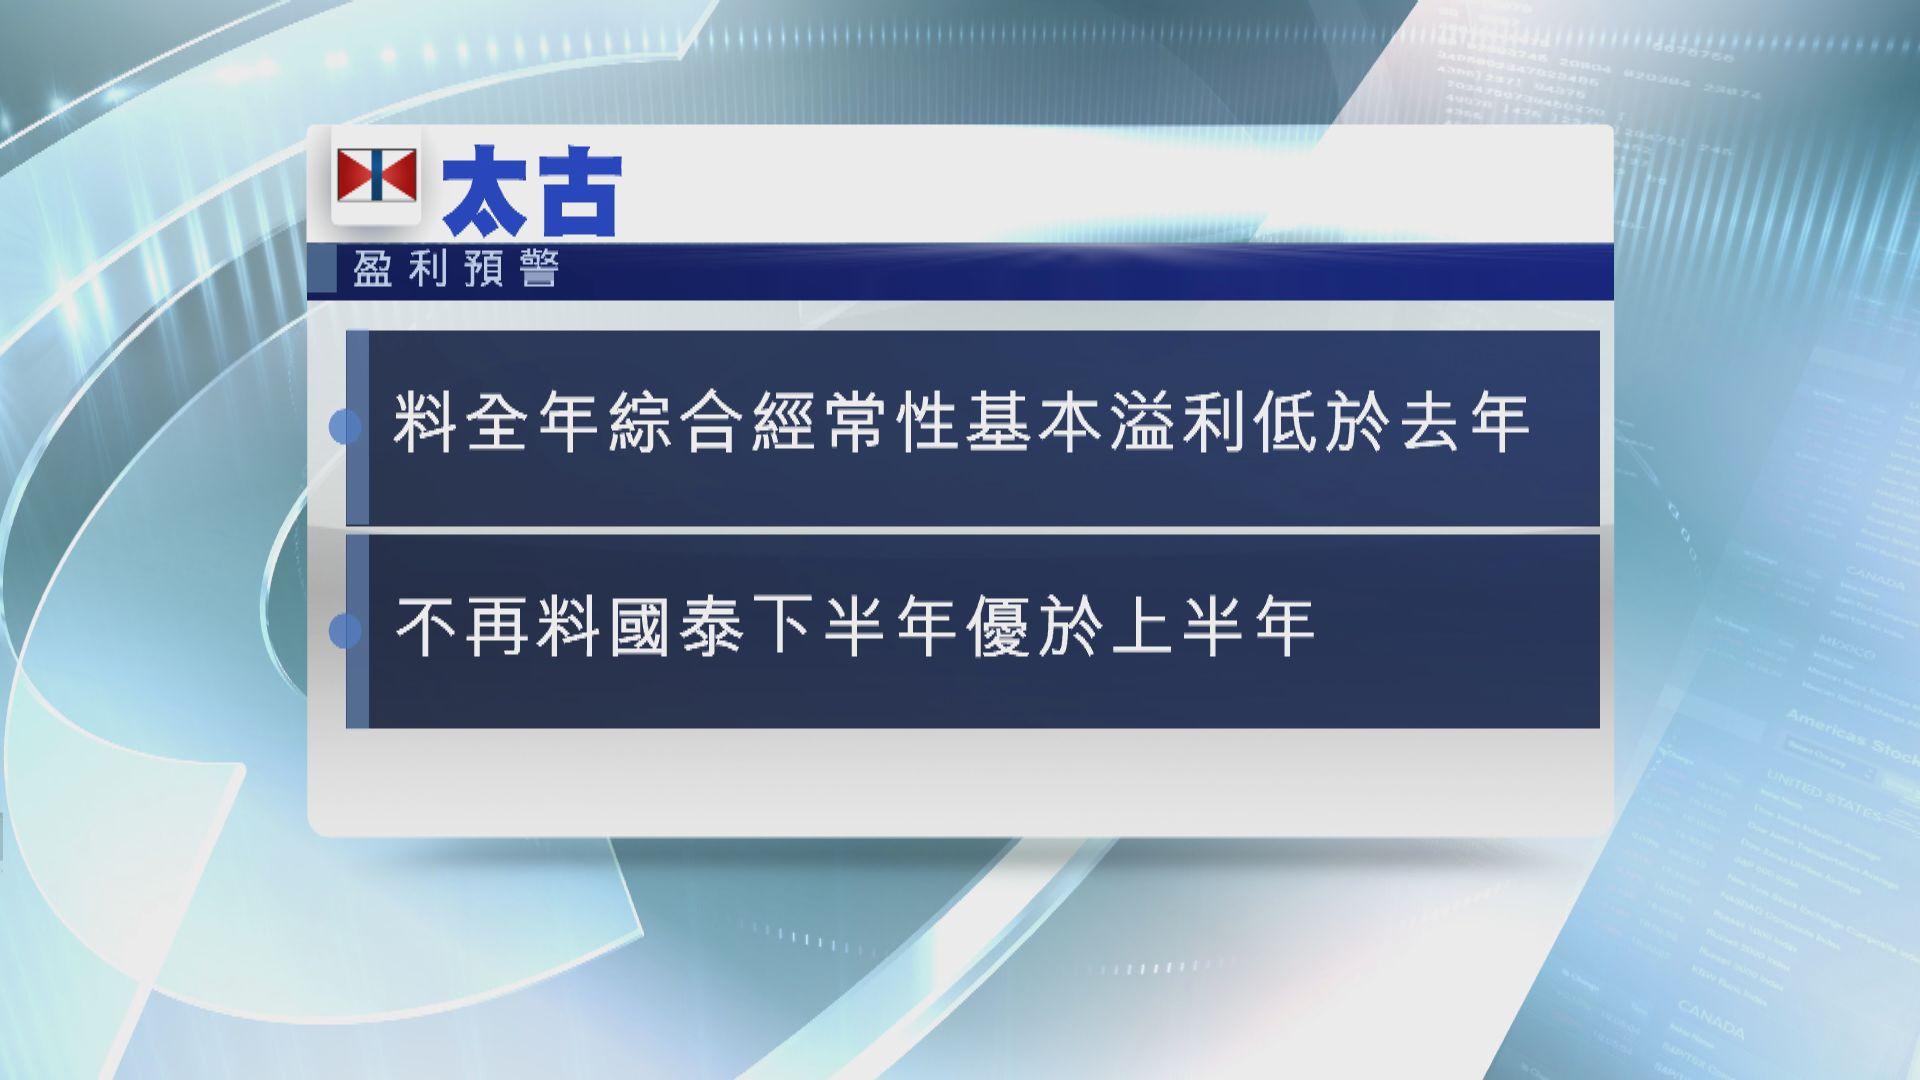 【盈利警告】太古:受國泰旅客量減少拖累